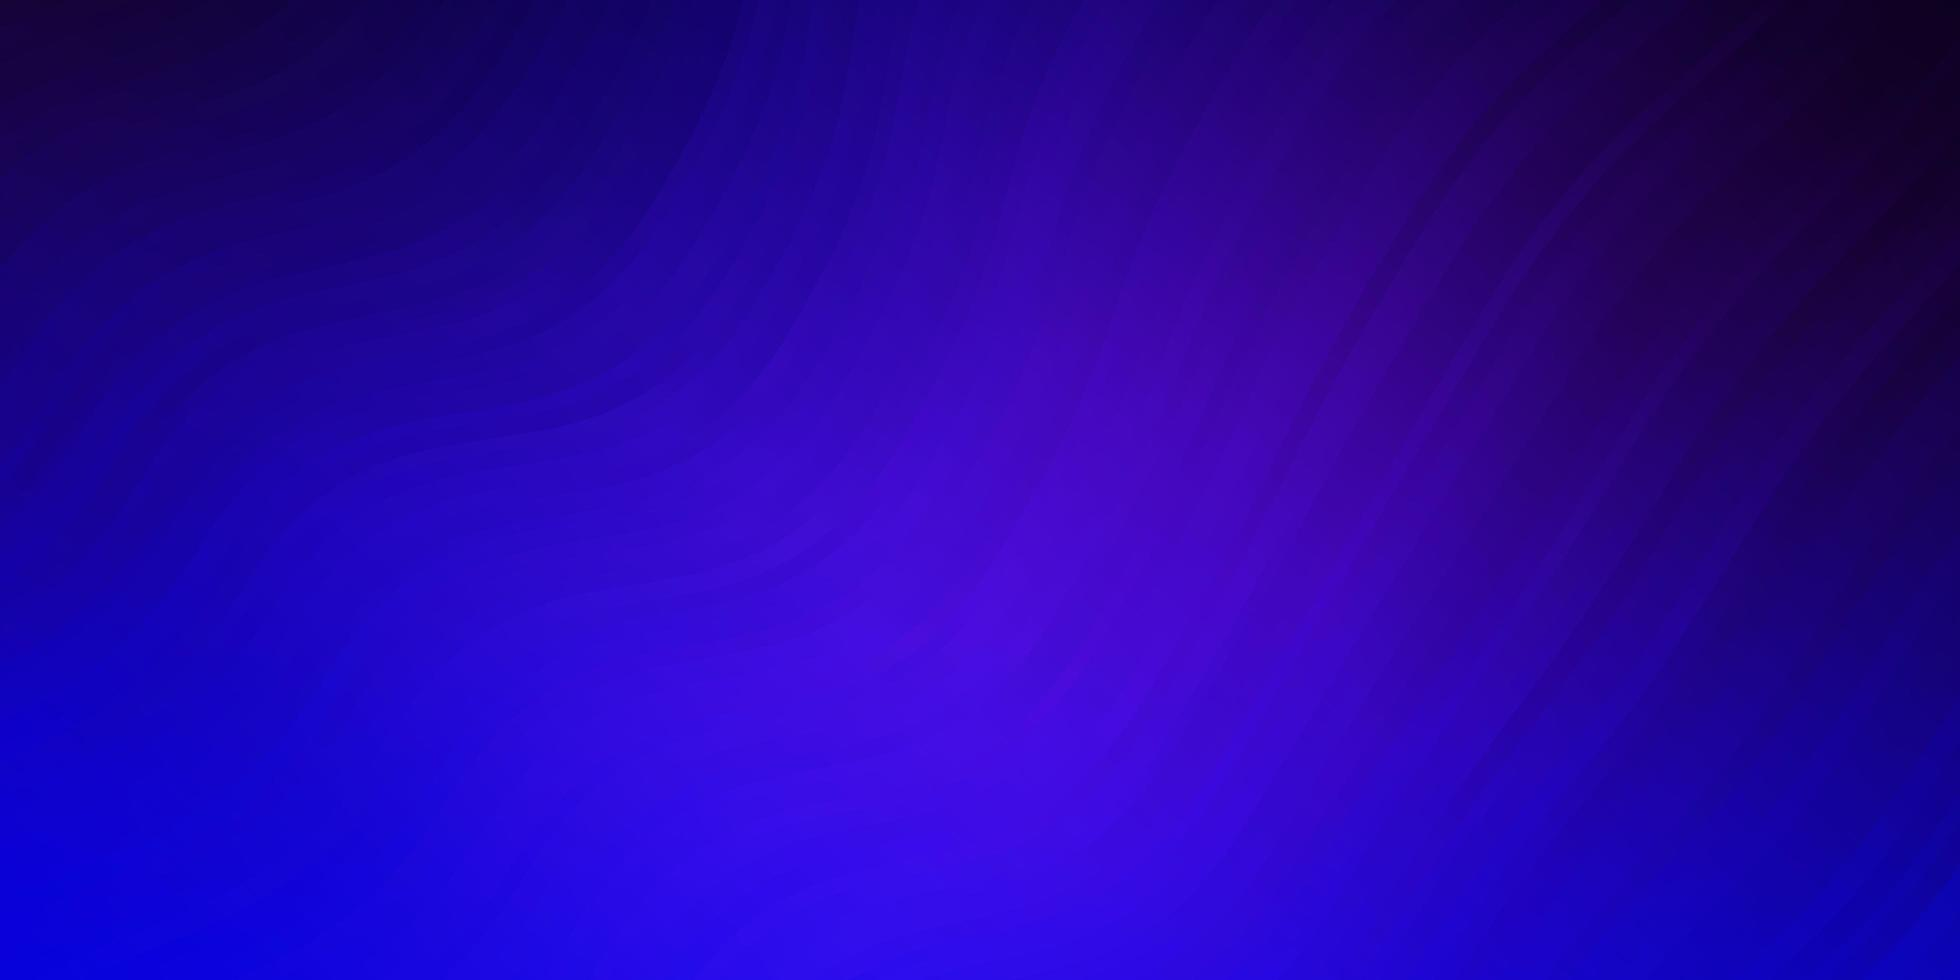 texture de vecteur rose clair, bleu avec des lignes ironiques.